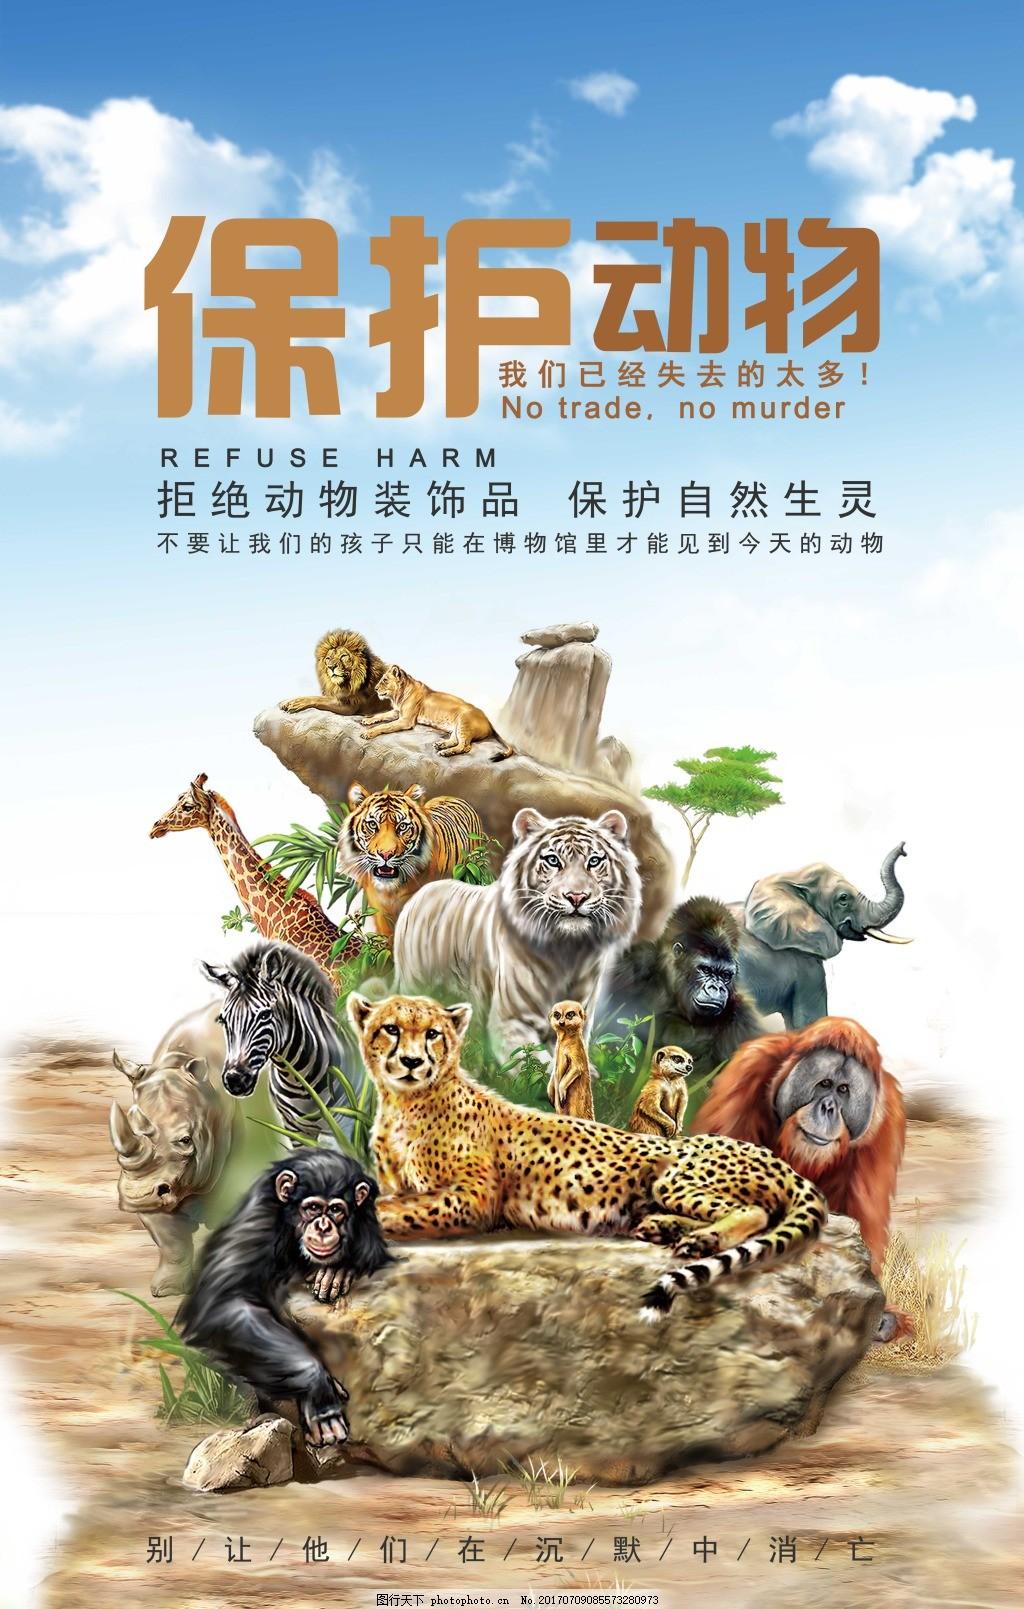 拒绝动物制品海报 保护自然 保护动物海报 单页 折页 宣传单 公益性